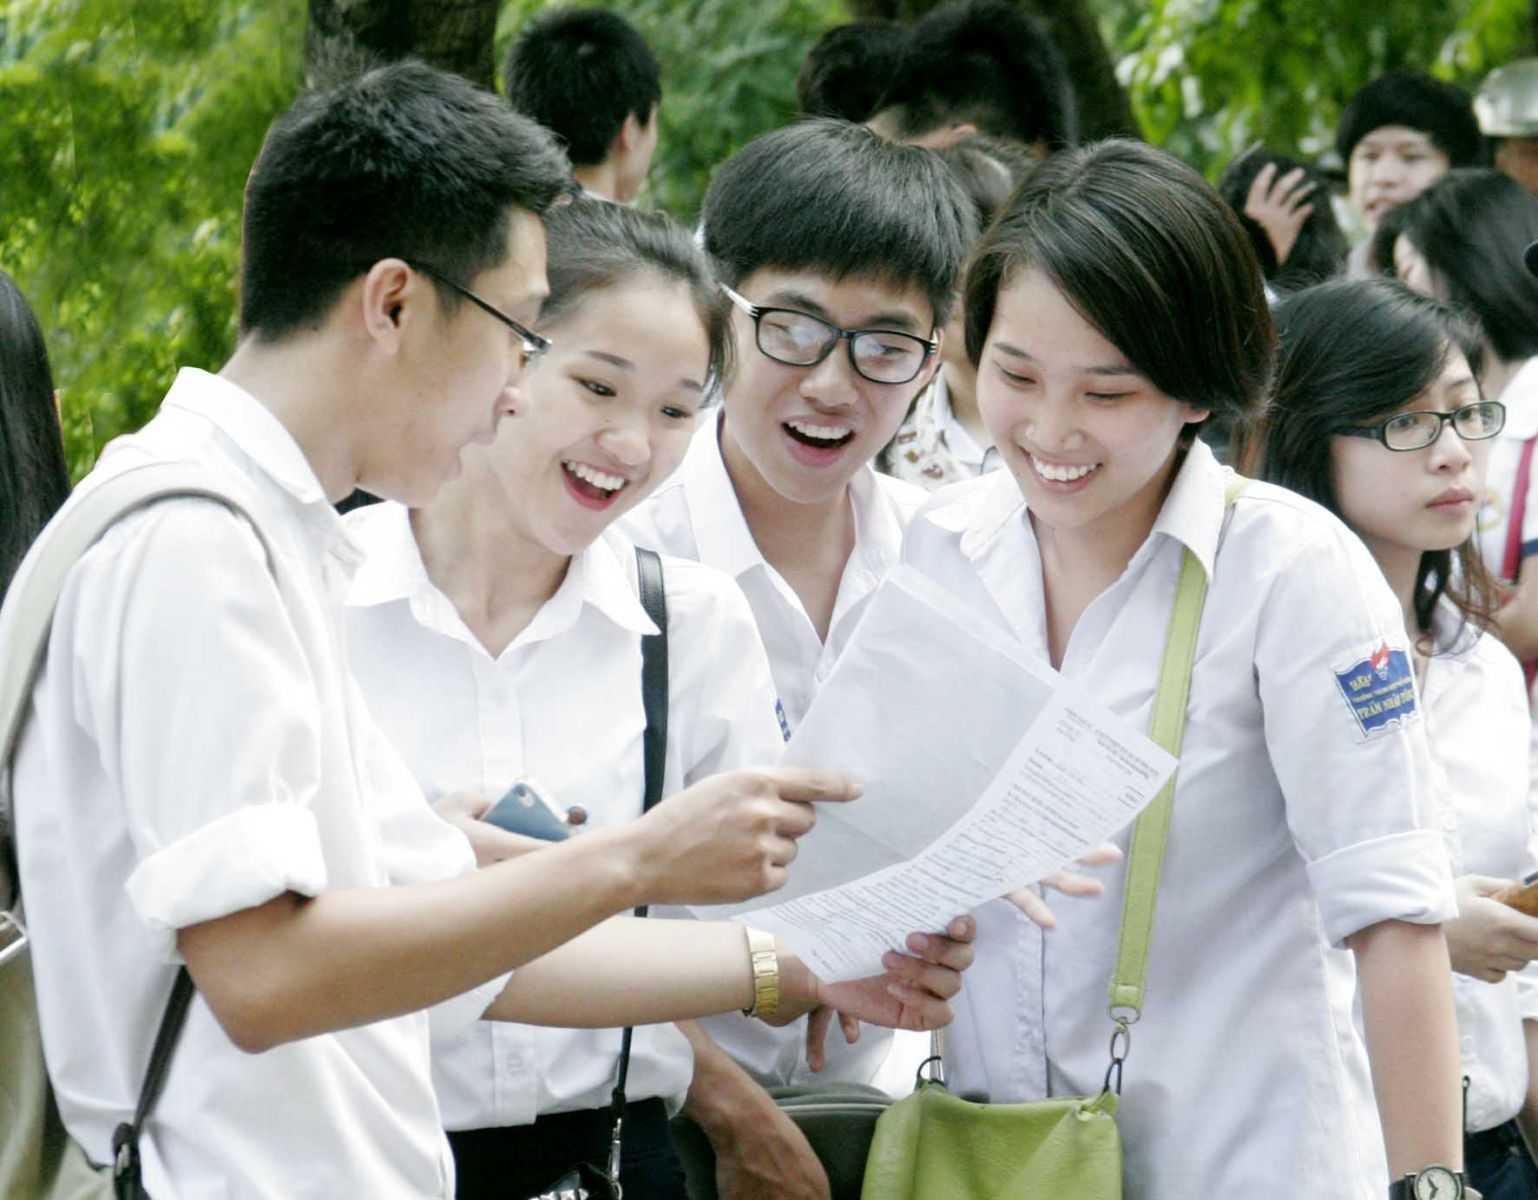 Nhiều trường đại học đã đưa ra ngưỡng điểm xét tuyển và dự báo điểm chuẩn năm 2015